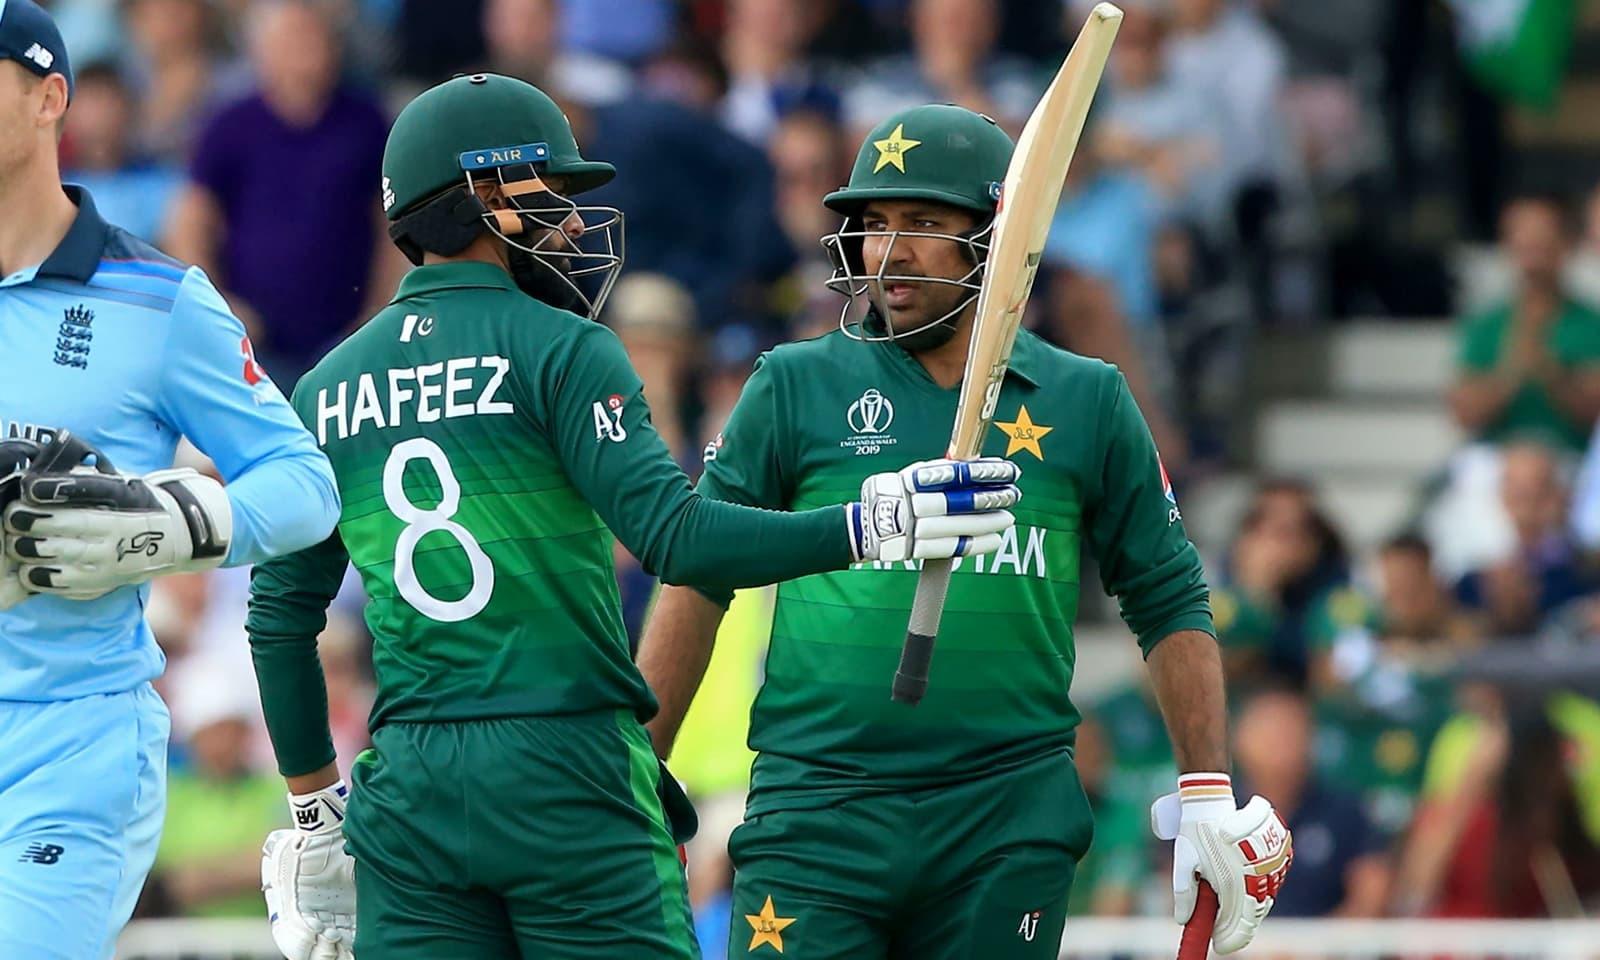 سلو اوور ریٹ پر پاکستانی ٹیم پر جرمانہ عائد کیا گیا تھا — فائل فوٹو/اے ایف پی